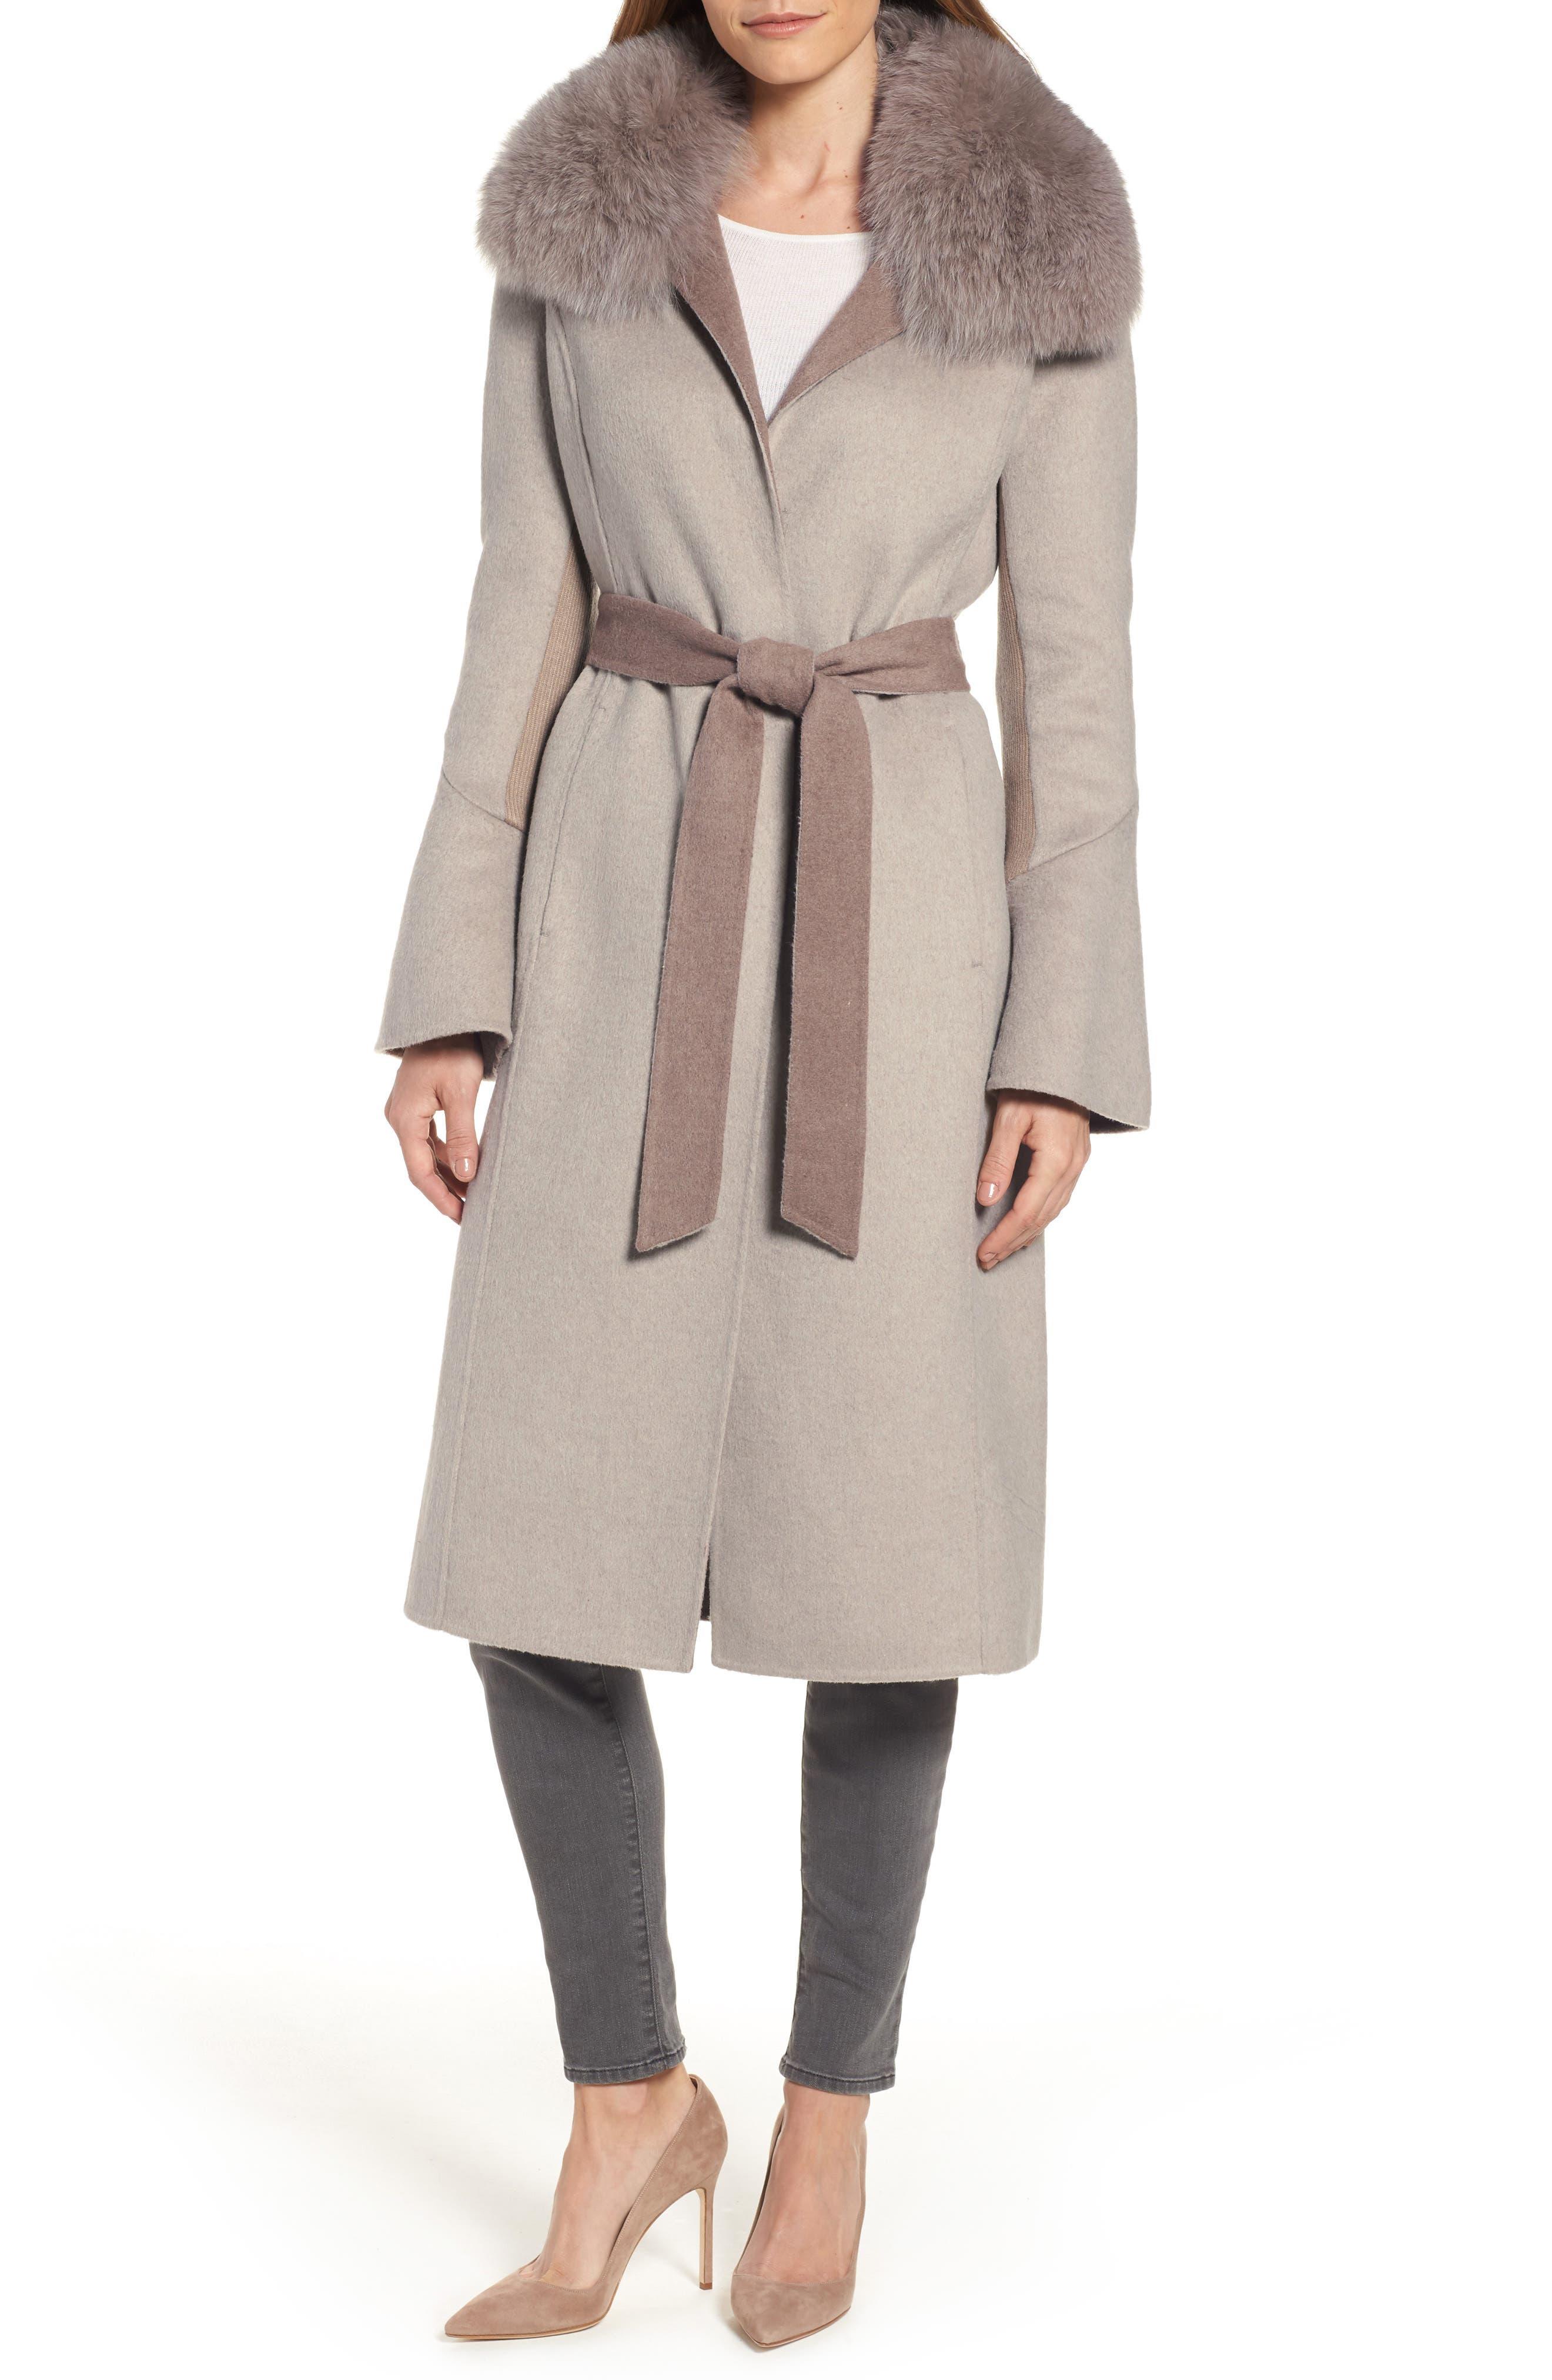 Elie Tahari Annabelle Genuine Fox Fur Trim Double Face Long Wrap Coat